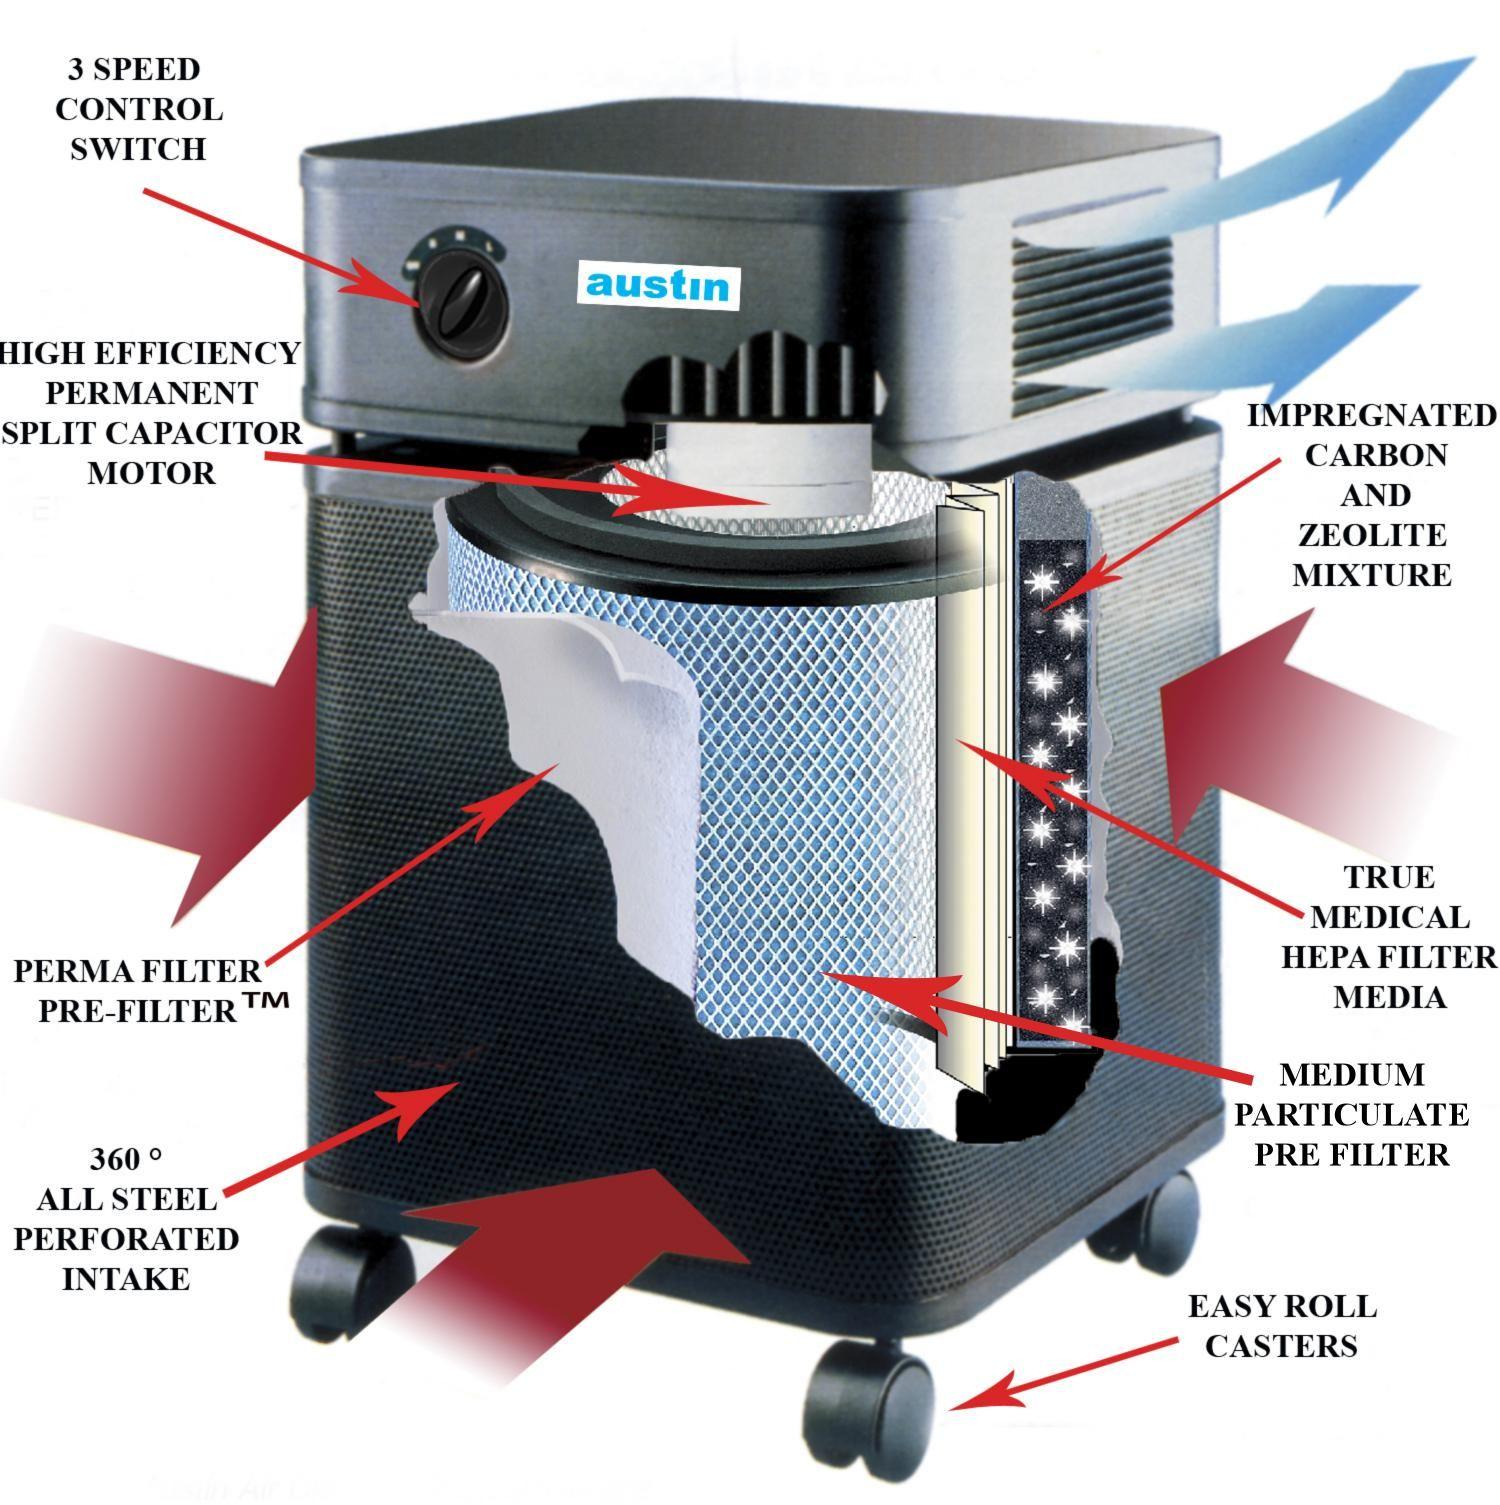 HealthmatePlus Austin air purifier, Air purifier, Hepa